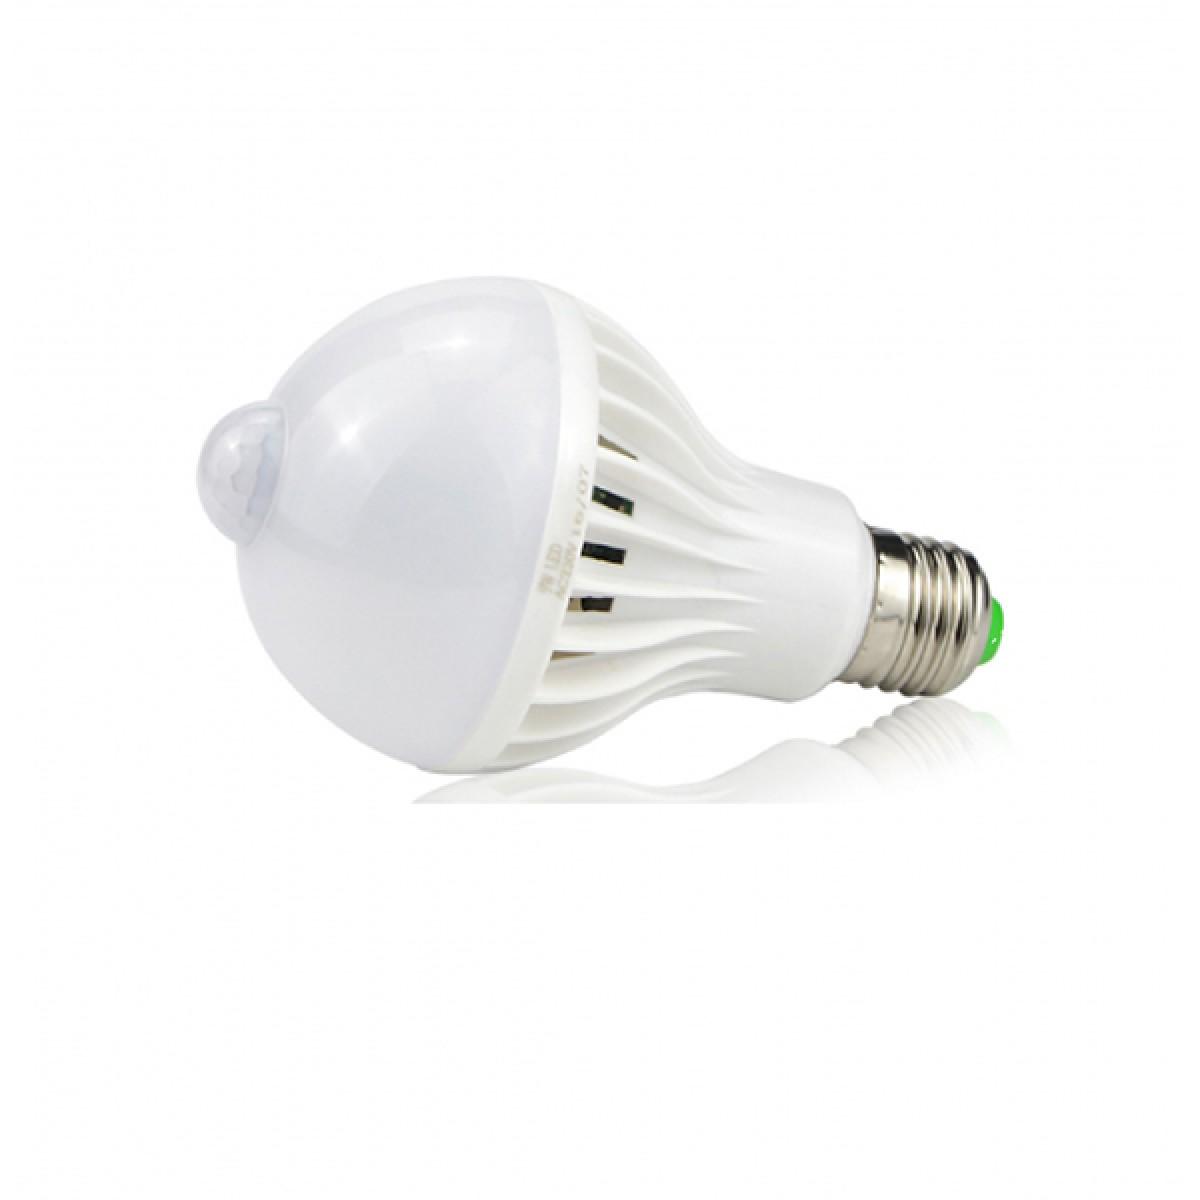 Λάμπα LED E27 9W με ανιχνευτή κίνησης 6500K ΟΕΜ